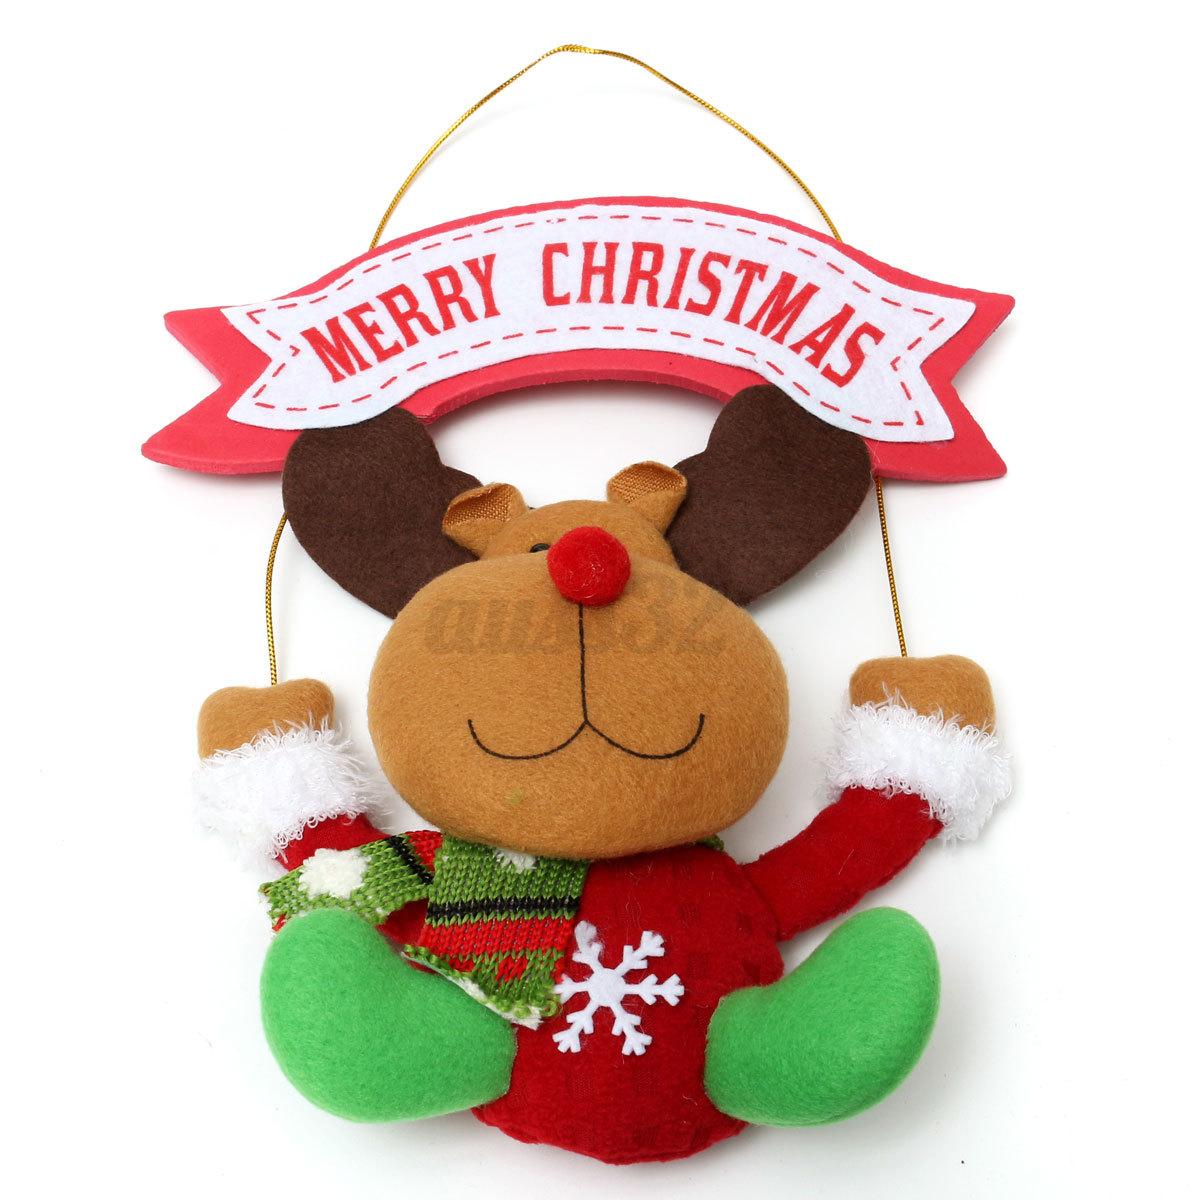 Christmas tree hanging decorations new parachute santa claus snowman - Christmas Xmas Gift Santa Claus Reindeer Snowman Parachute